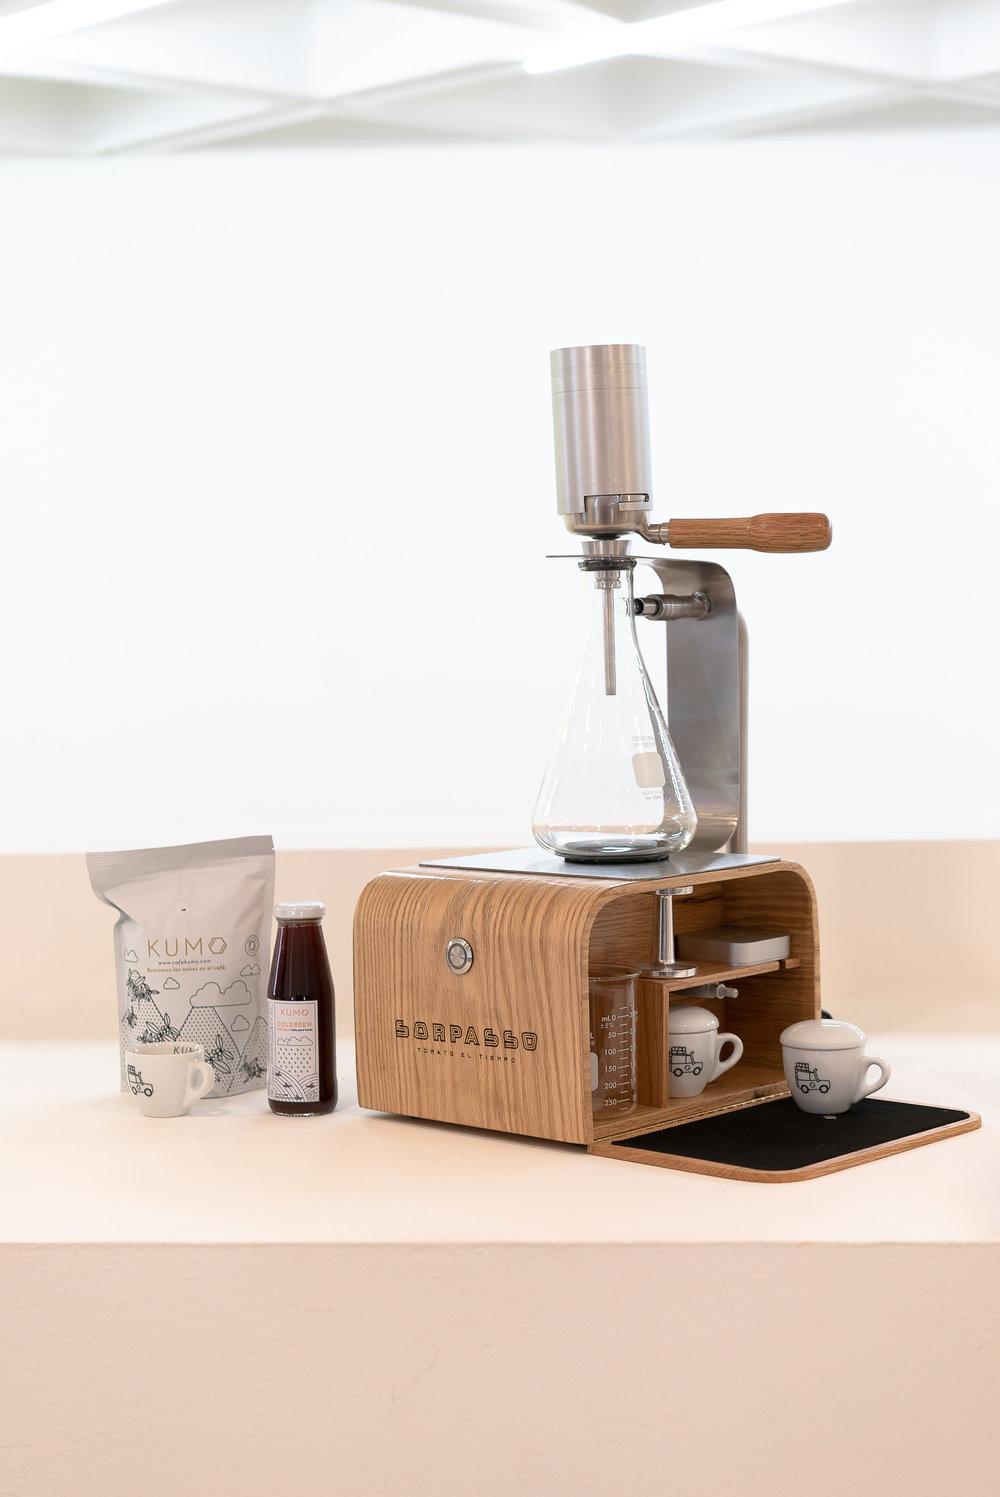 Sorpasso de Kumo Laboratorio de Café